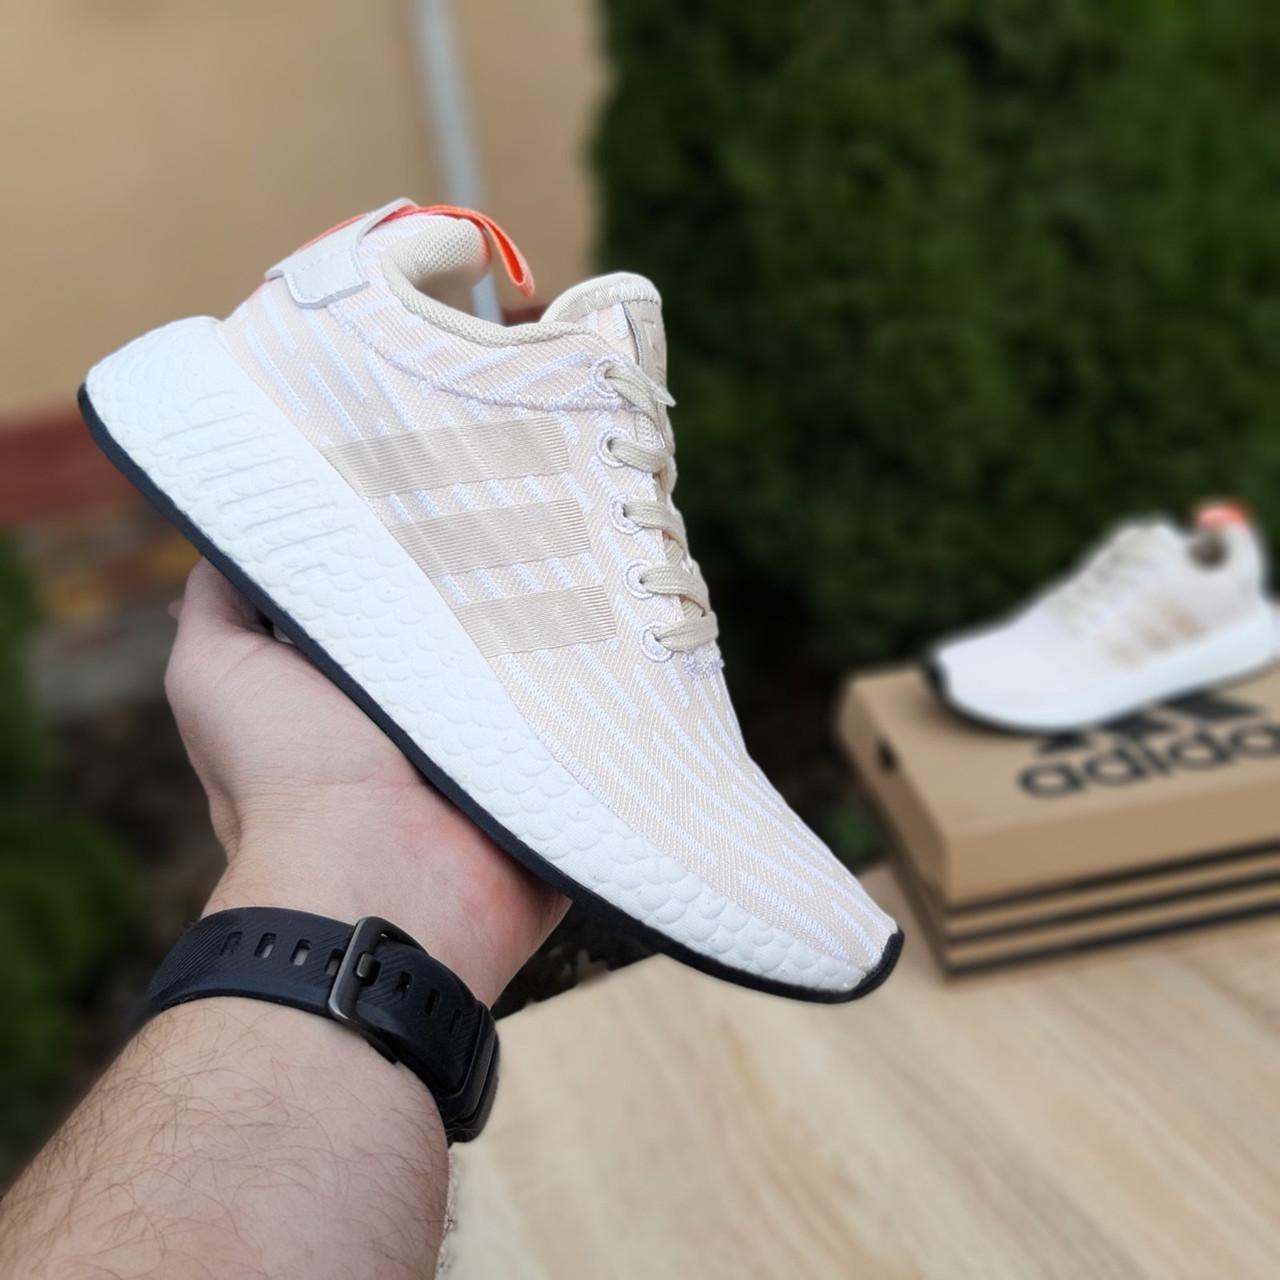 Кросівки розпродаж АКЦІЯ останні розміри Adidas 650 грн 37(23.5 см), люкс копія